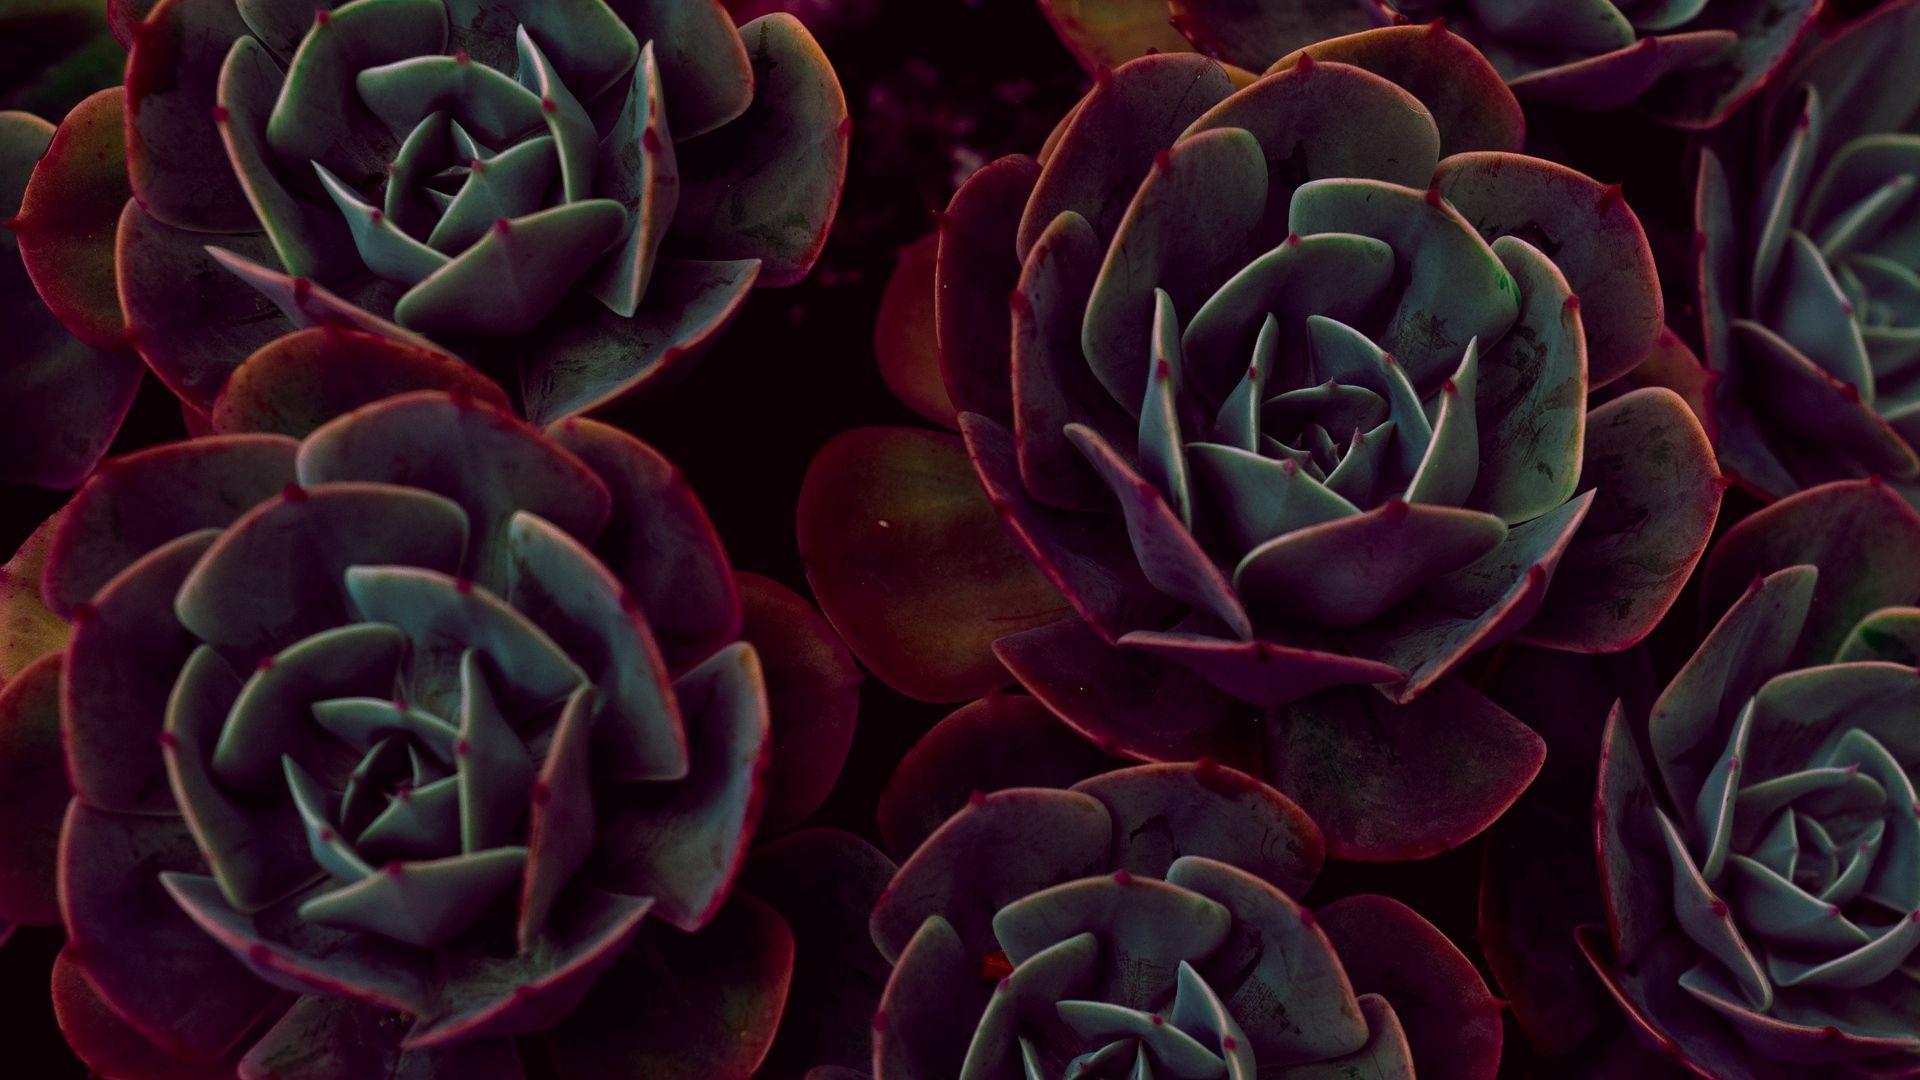 Succulent Good Wallpaper